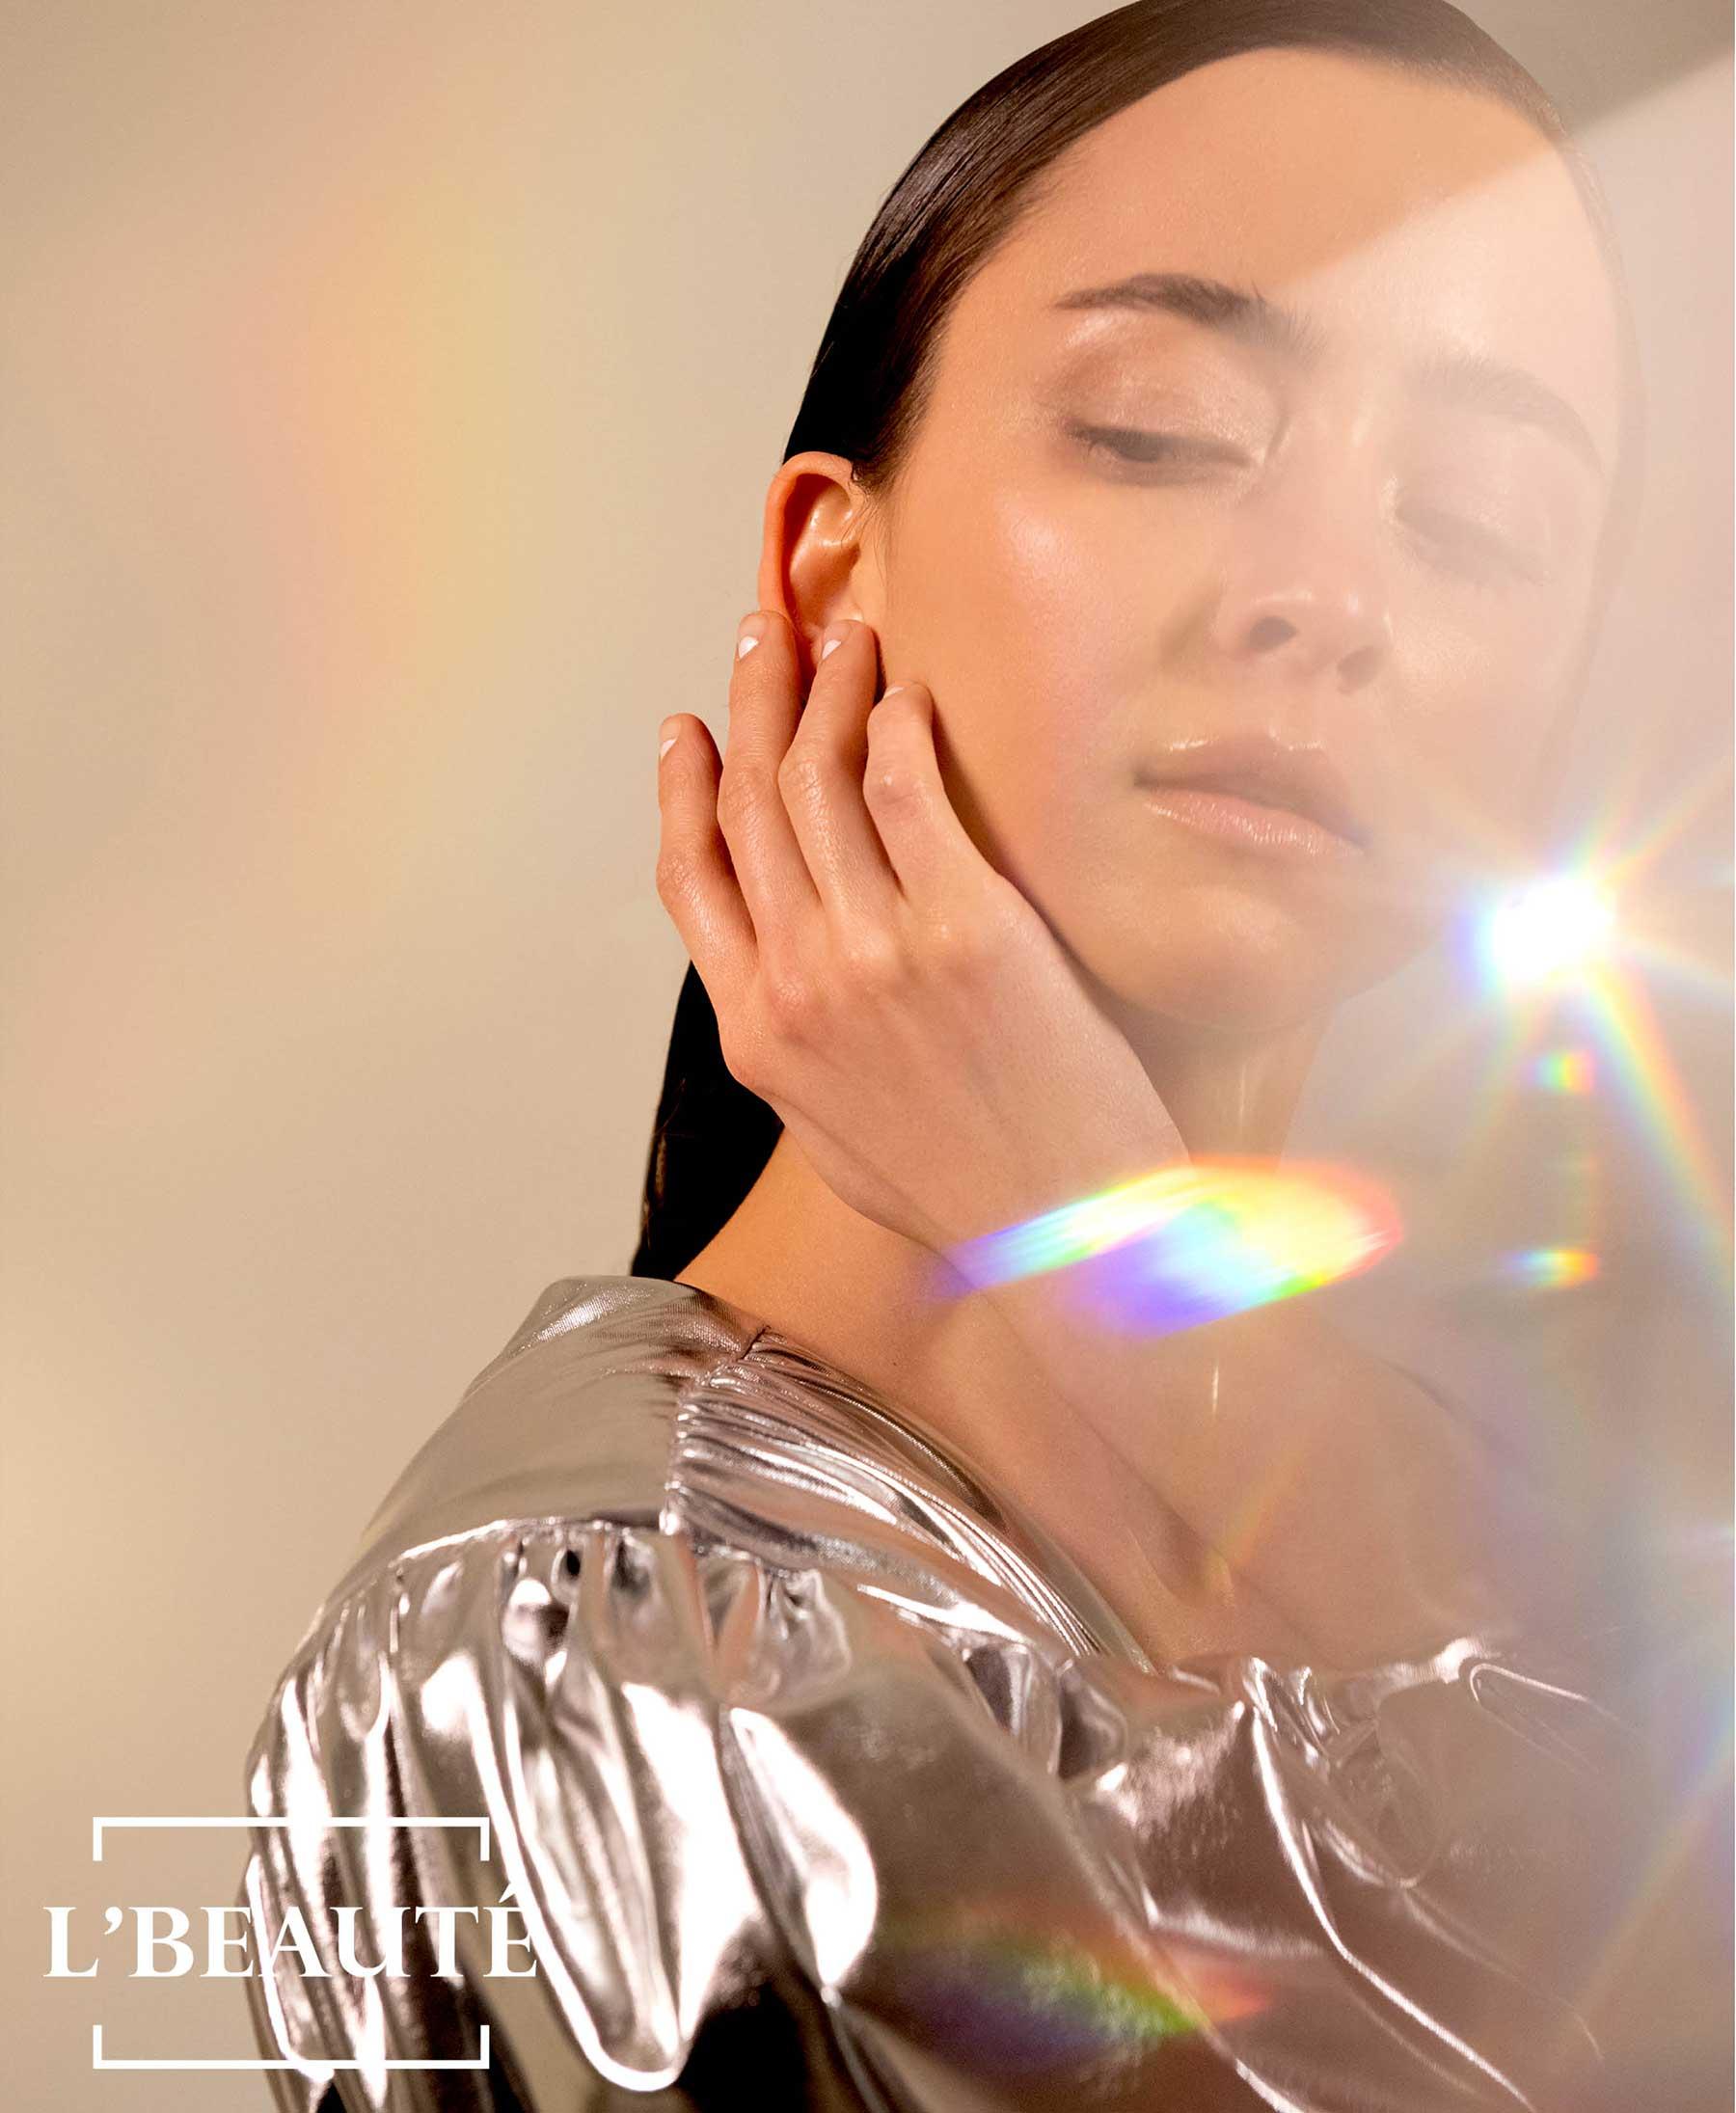 Givenchy-Prisme-Libre-x-L'Beauté-March-20212